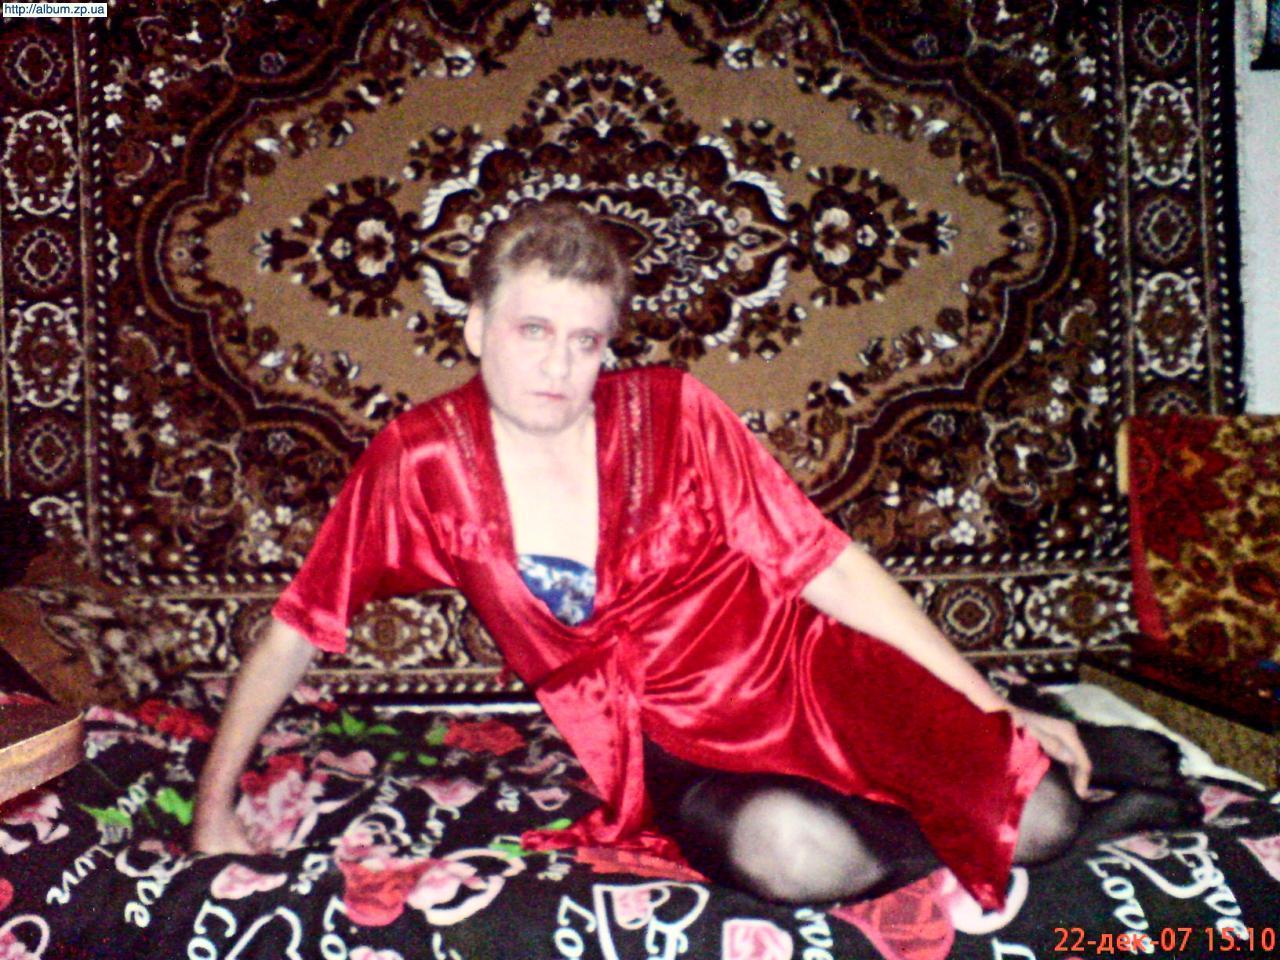 Русские парни переодетые в женское 3 фотография